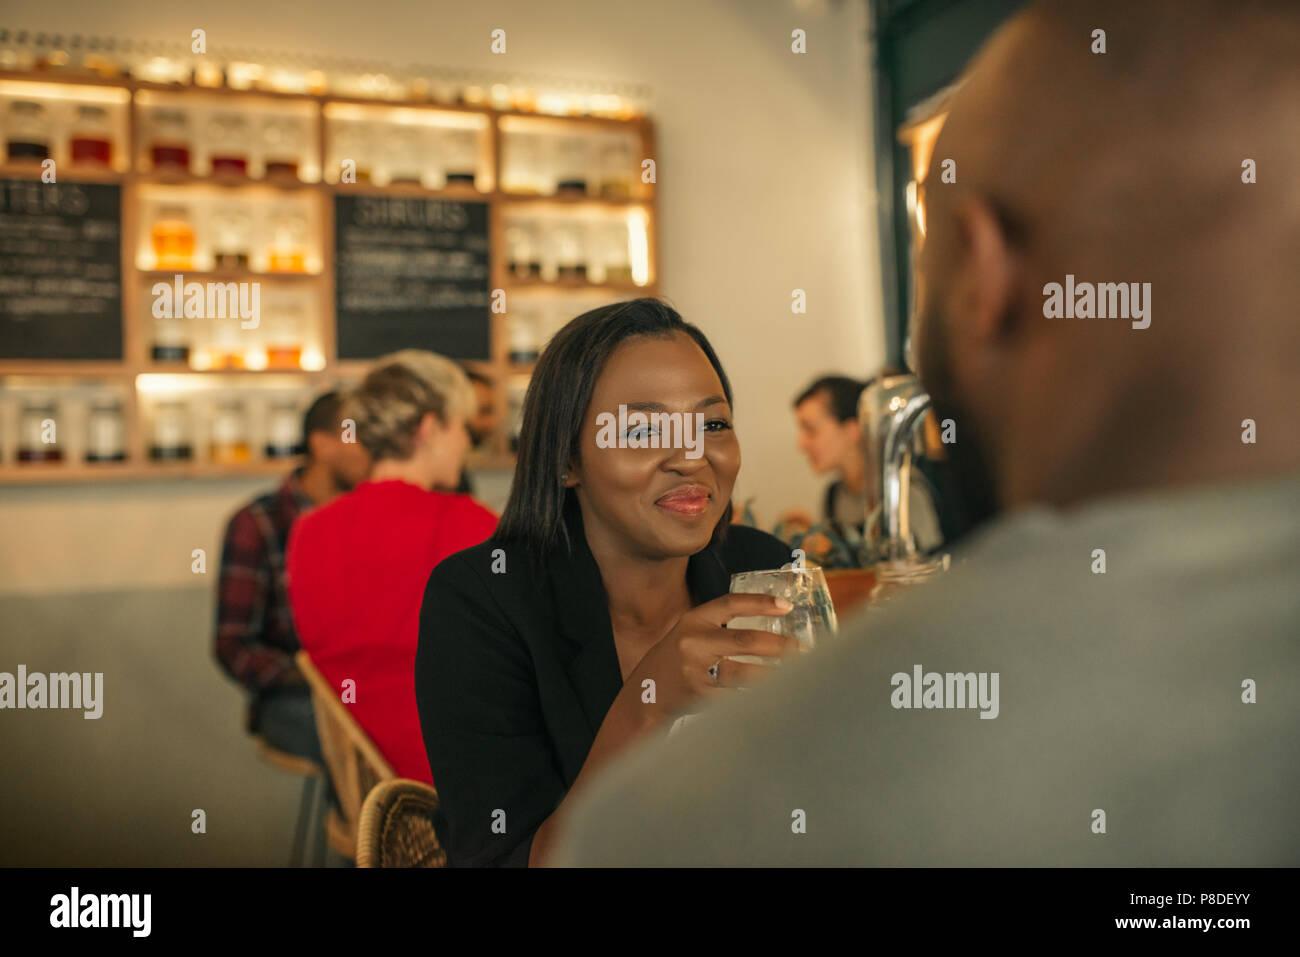 Sorridente giovane donna godendo di una notte fuori con il suo fidanzato Immagini Stock